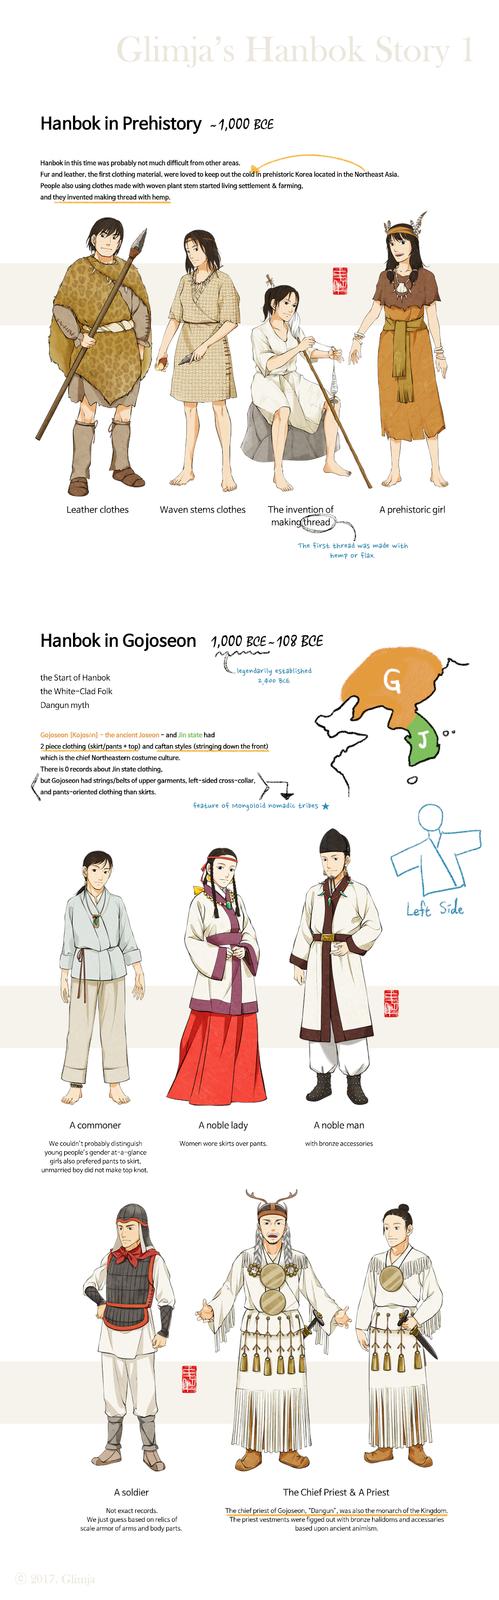 Hanbok Story 1 by Glimja